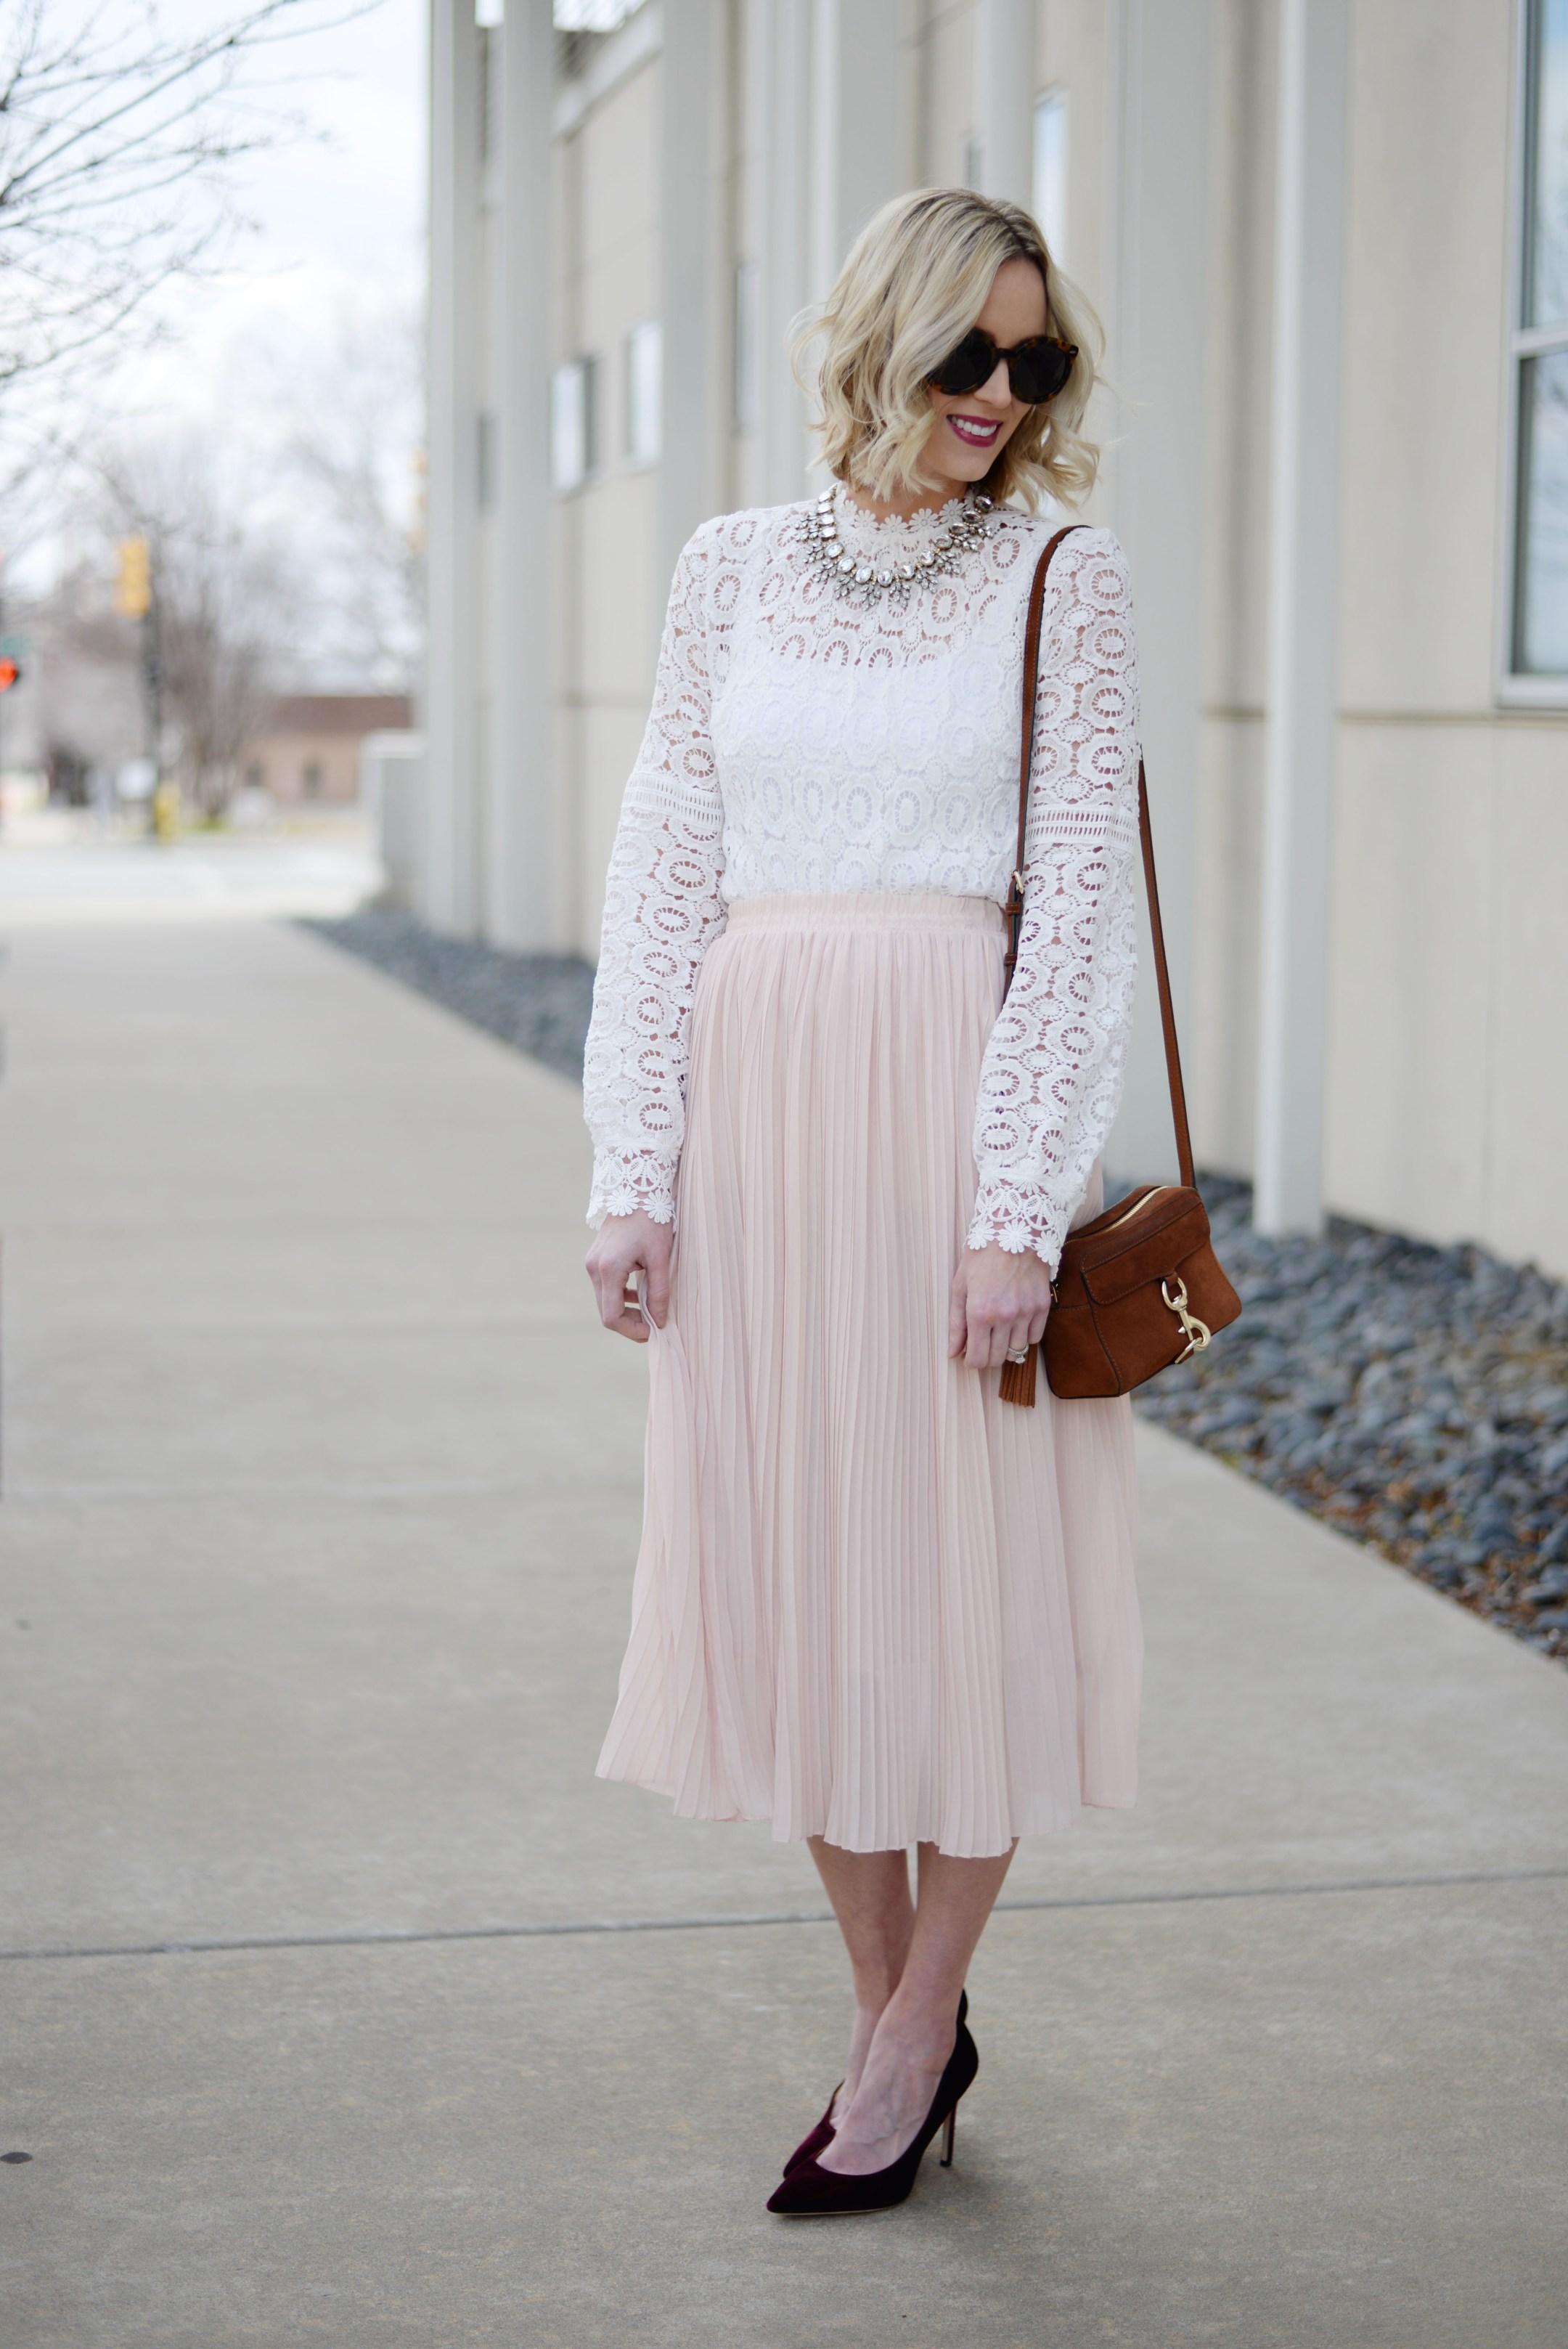 blush-and-lace